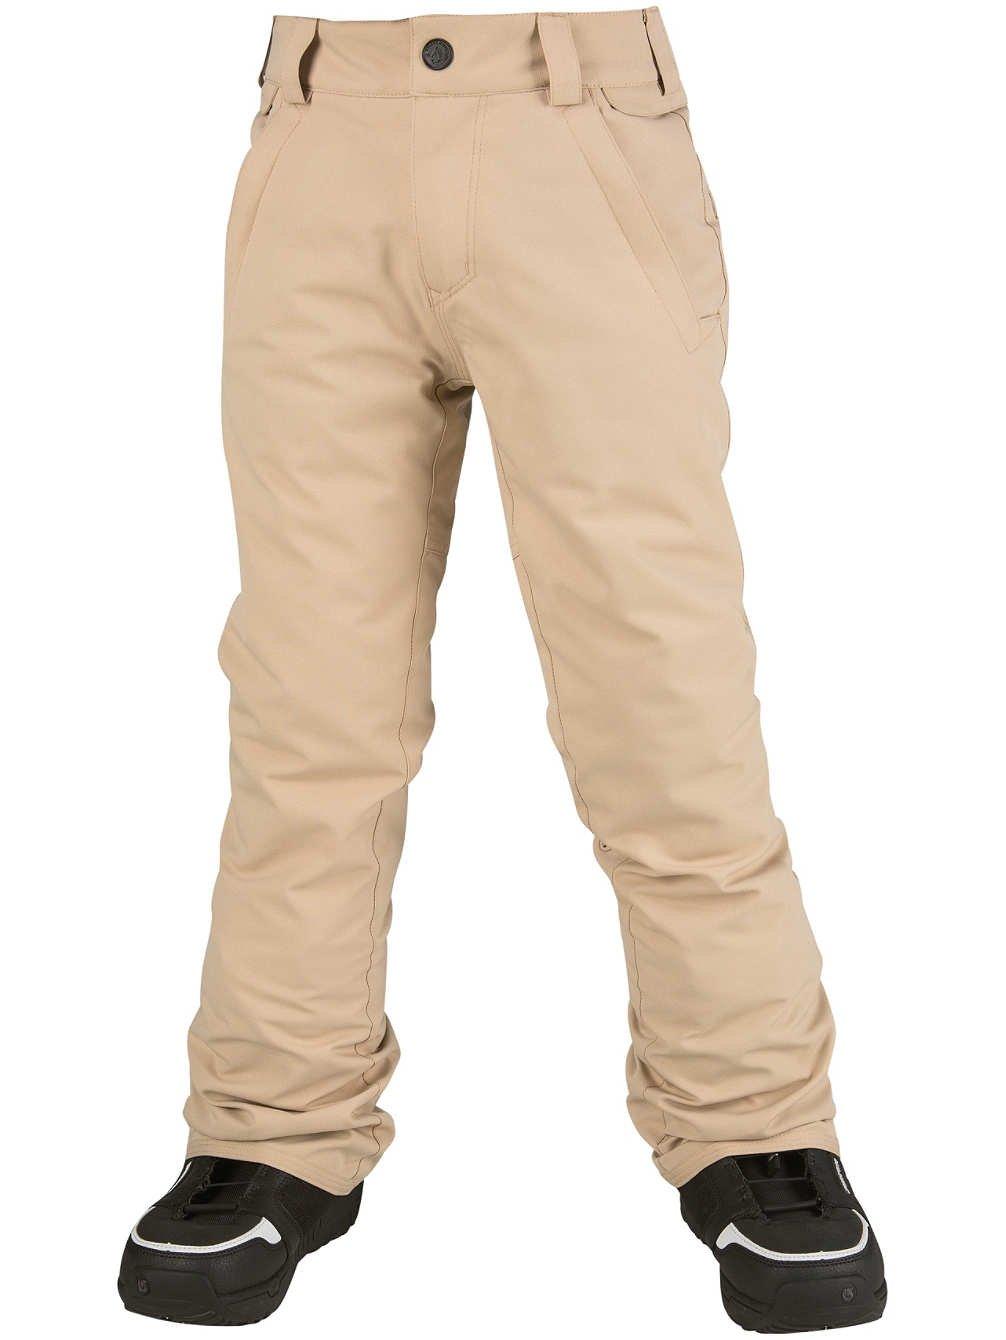 Volcom Big Boys' Freakin Snow Chino Pant, Khaki, M by Volcom